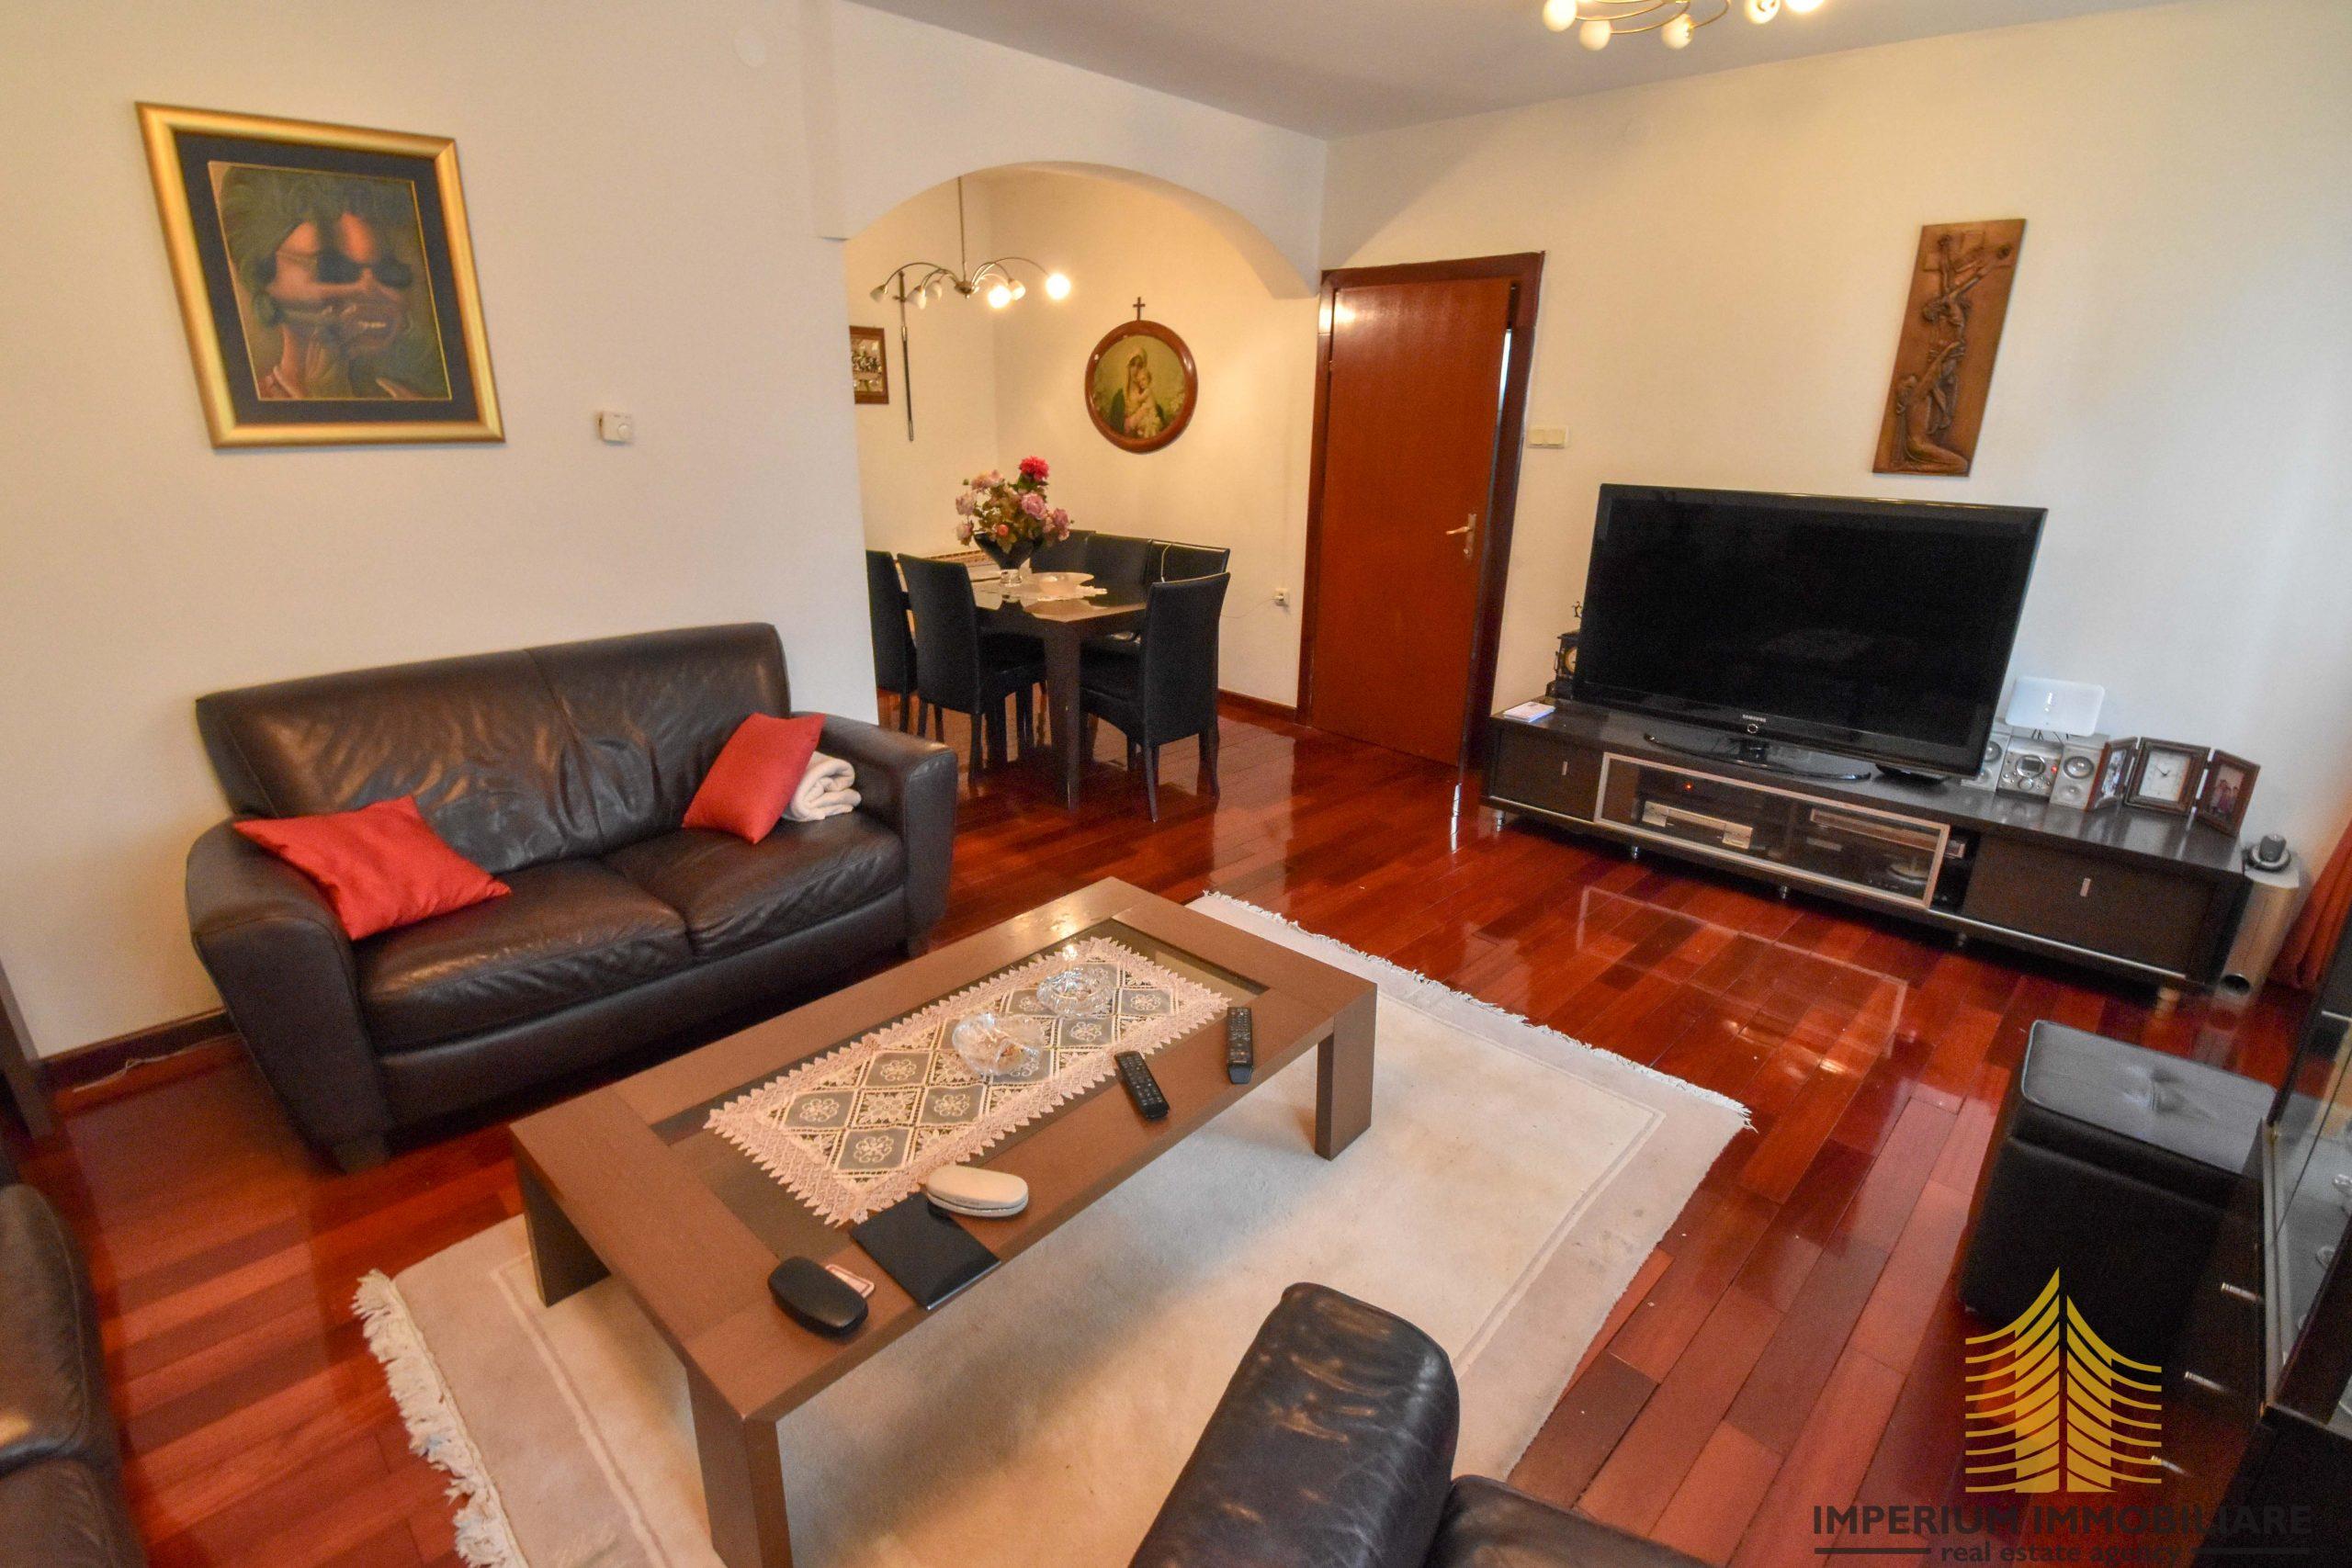 Kuća: Zagreb (Maksimir), katnica, 312.00 m2 (prodaja)